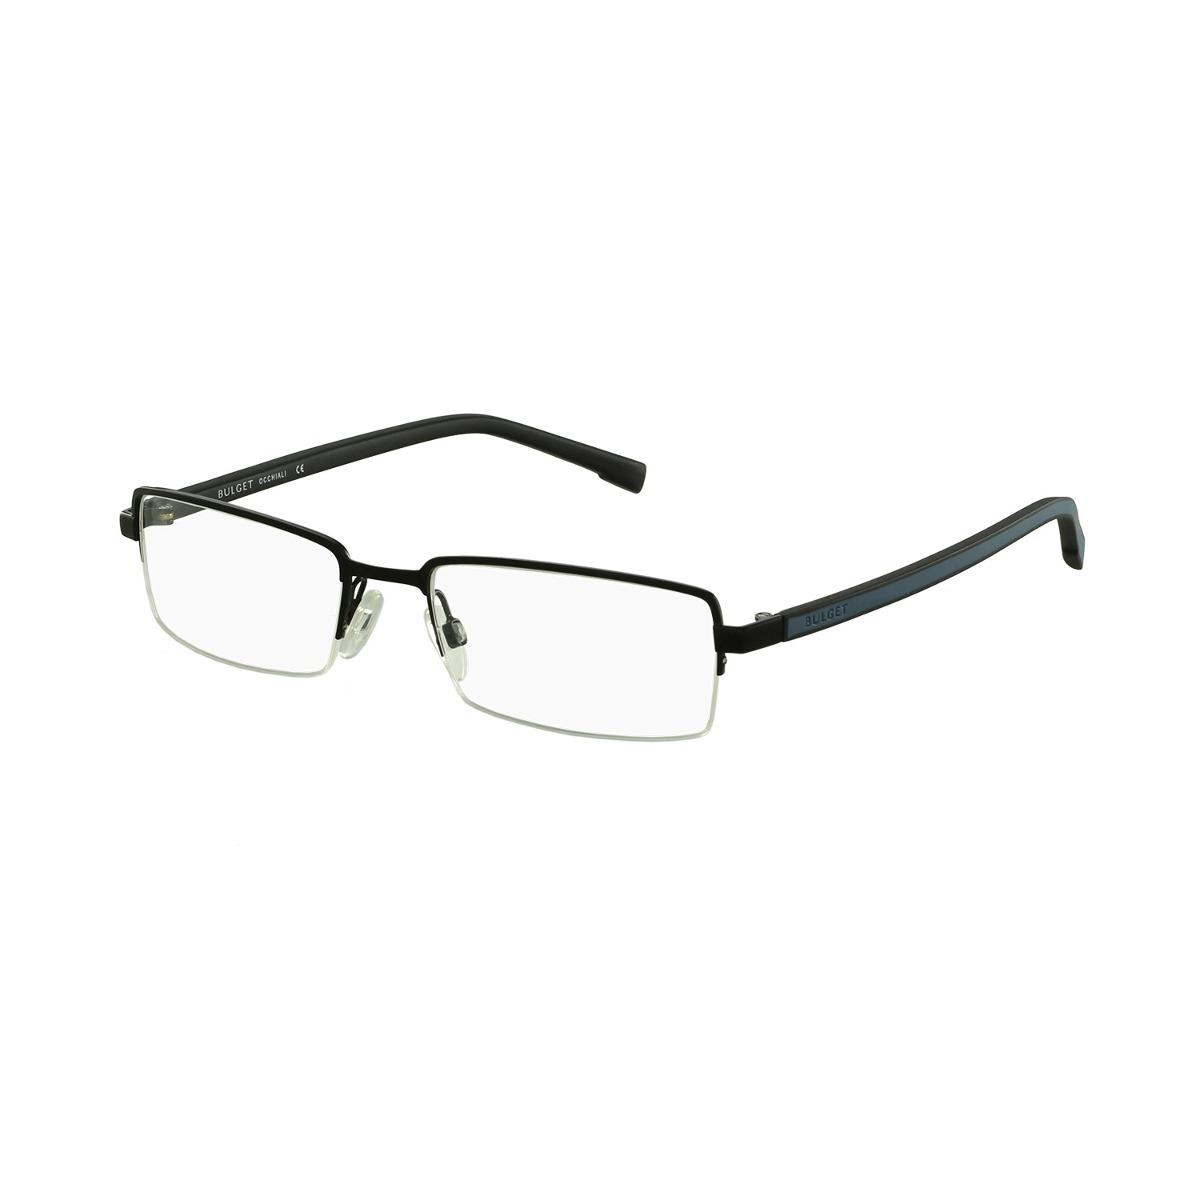 Óculos De Grau Bulget Clássico Preto - R  267,00 em Mercado Livre 76d8ab837d